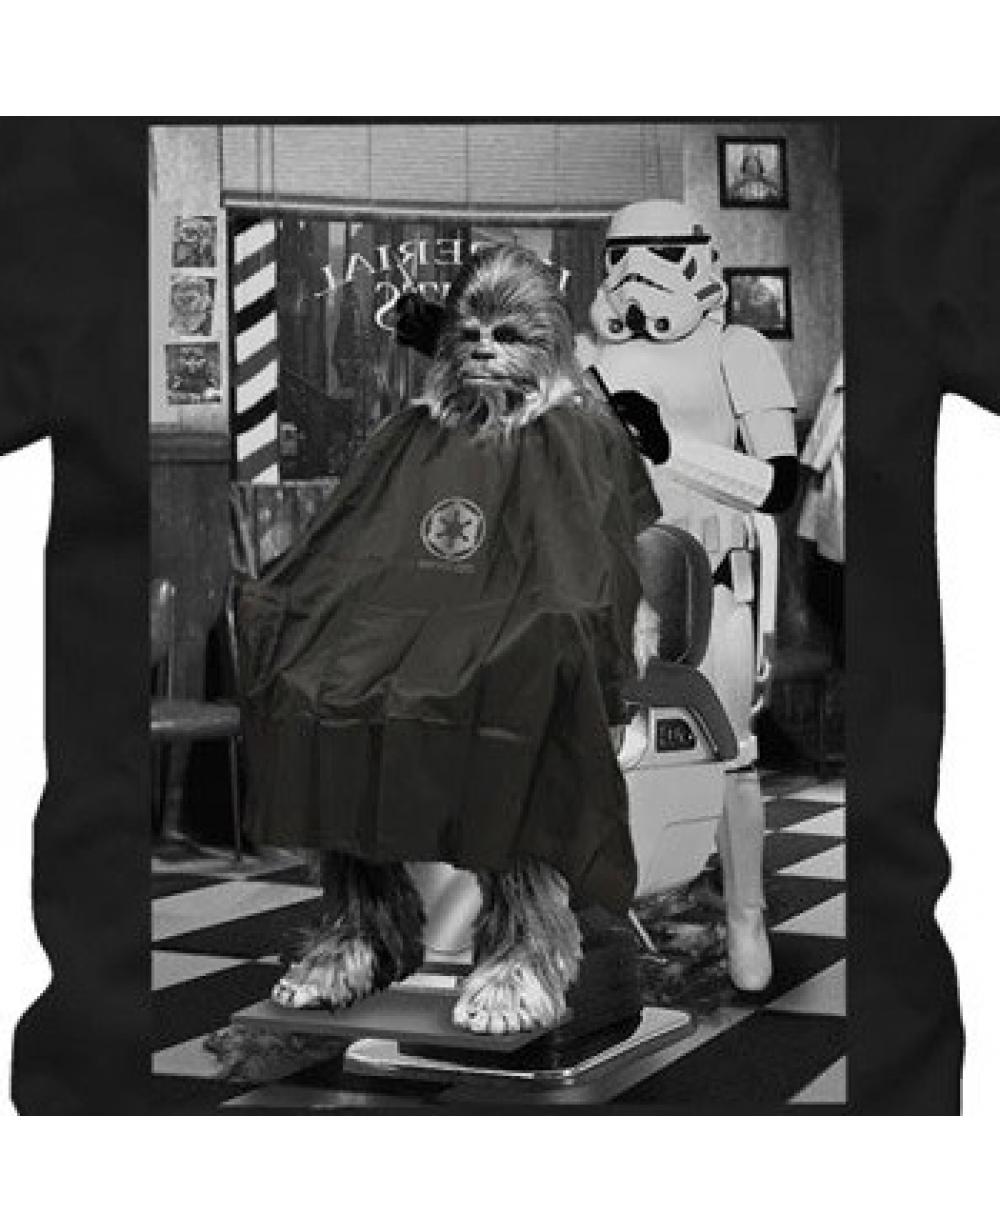 chewbacca barber shop star wars t shirt. Black Bedroom Furniture Sets. Home Design Ideas